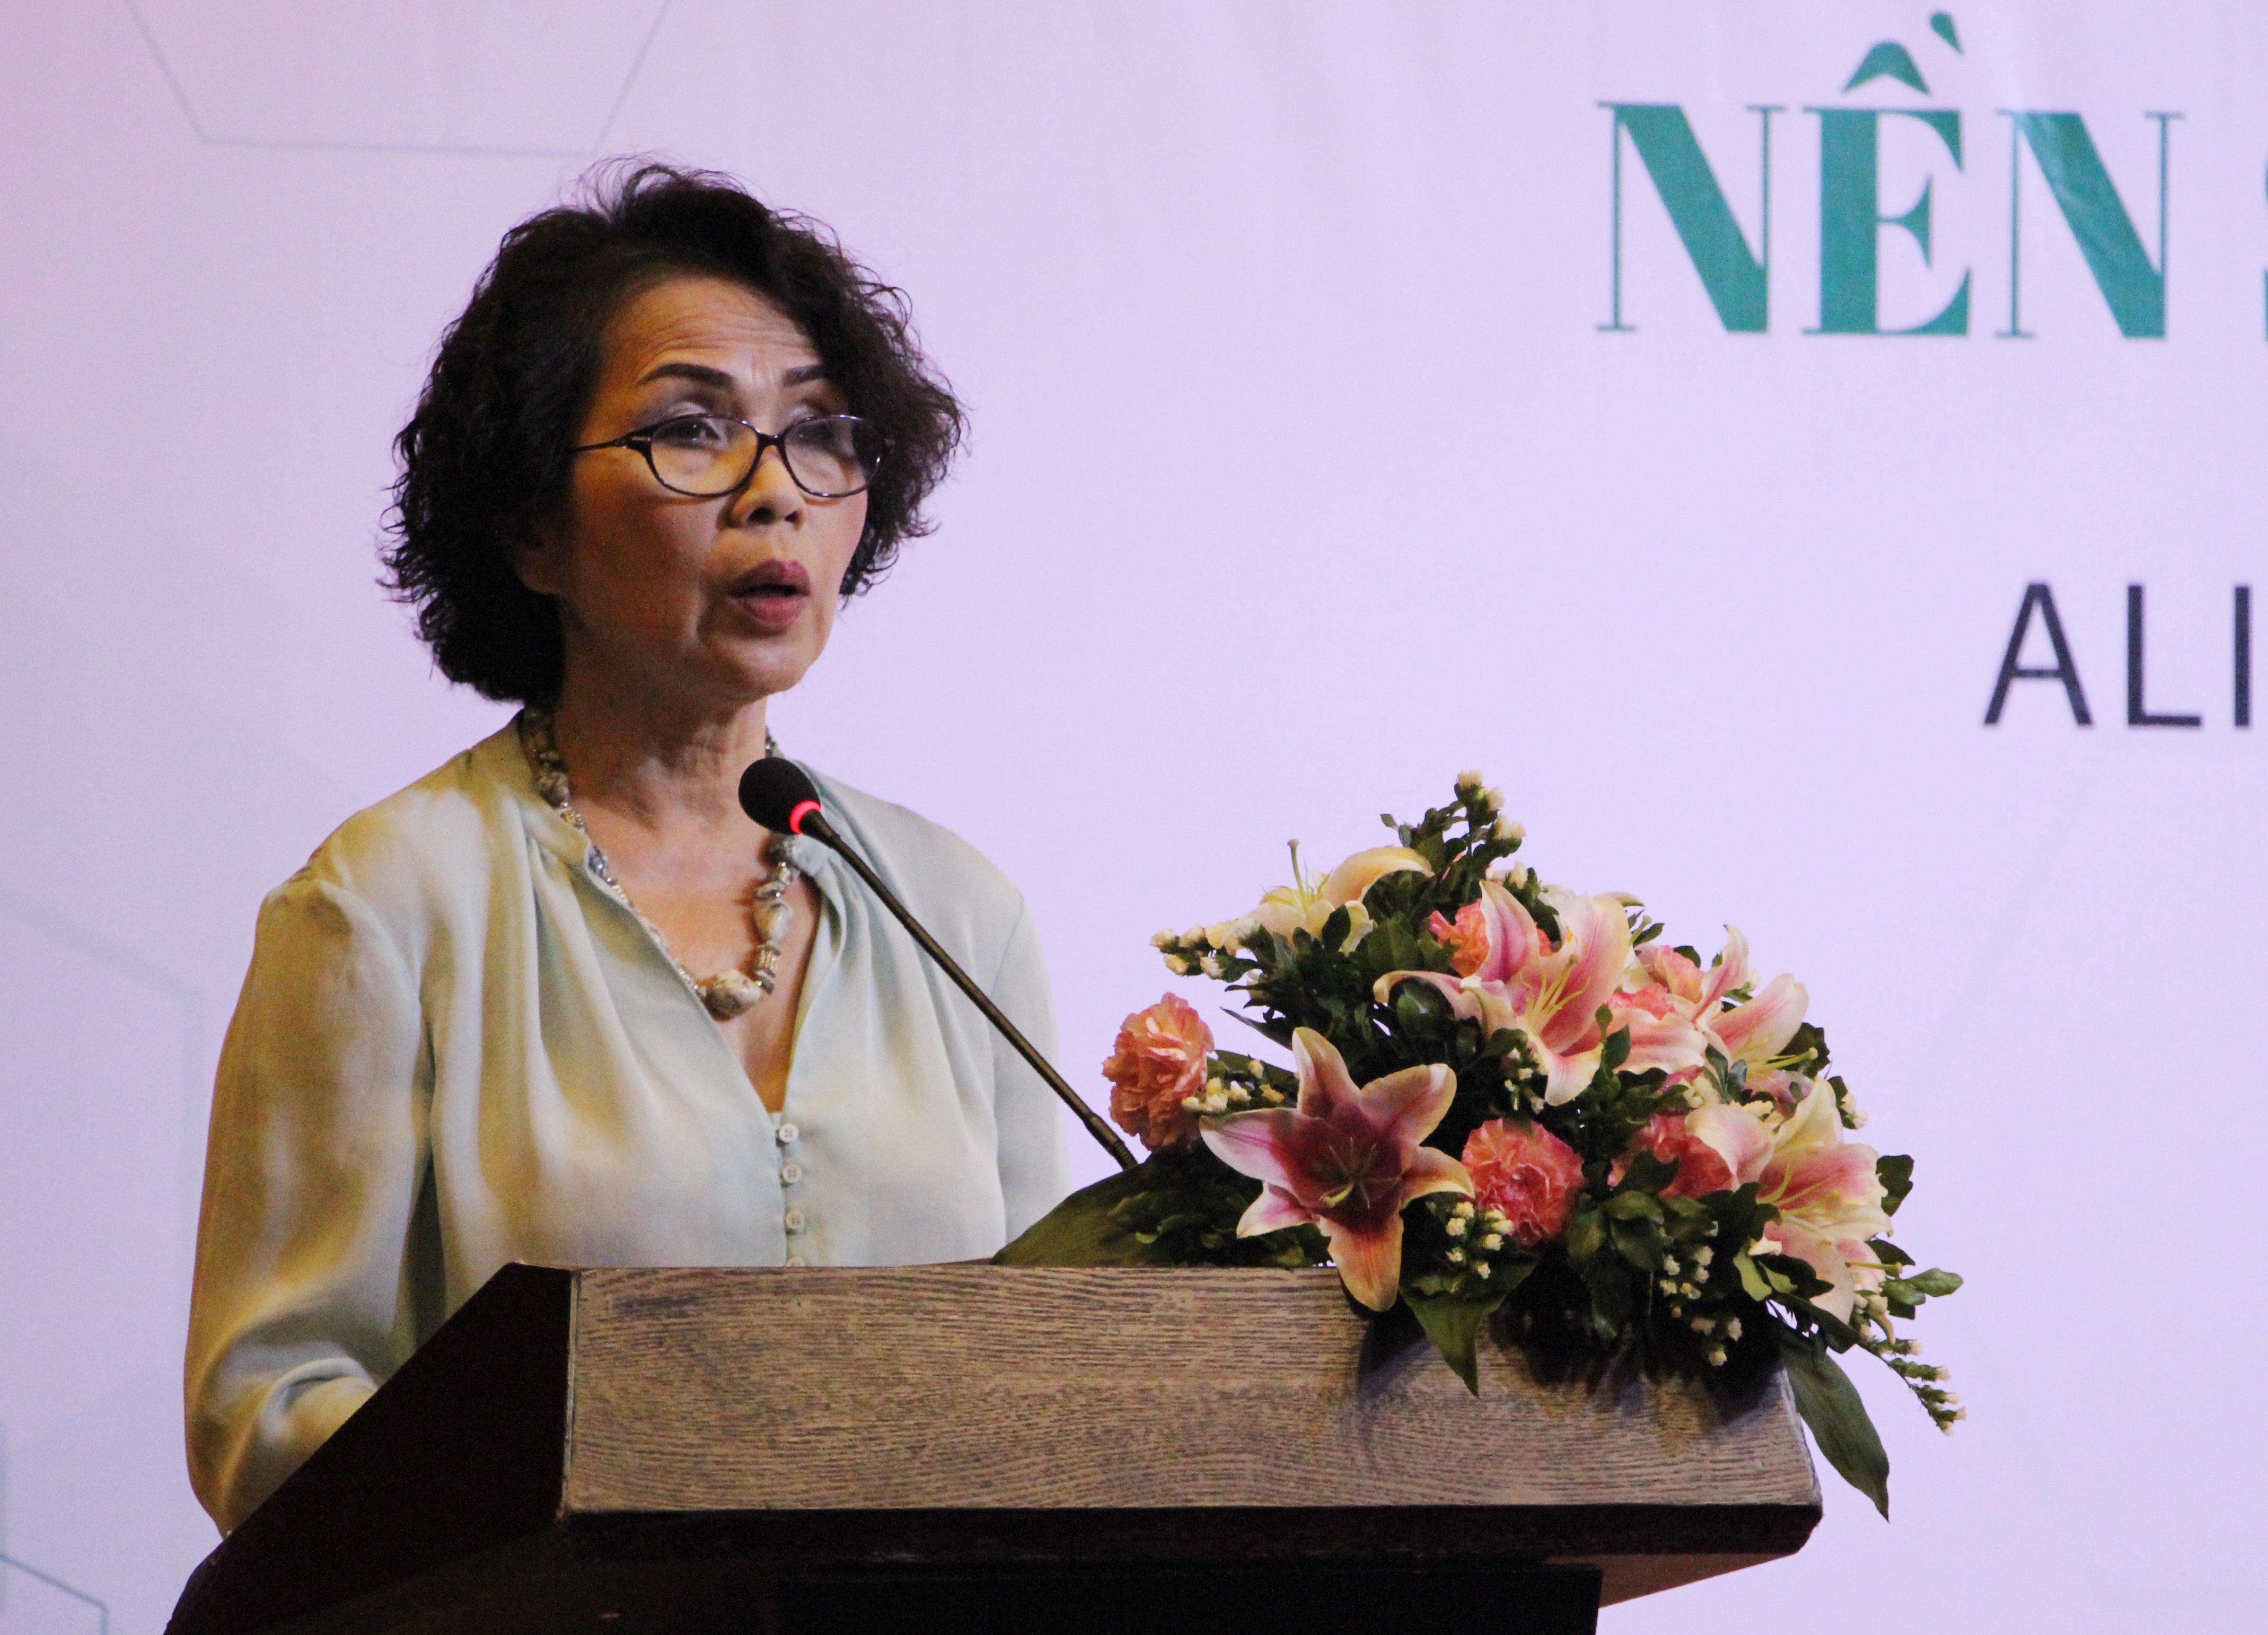 Tiến sĩ Nguyễn Thị Hồng Minh: Nhà sản xuất cần liên kết lại để phát triển thị trường thực phẩm sạch, an toàn.